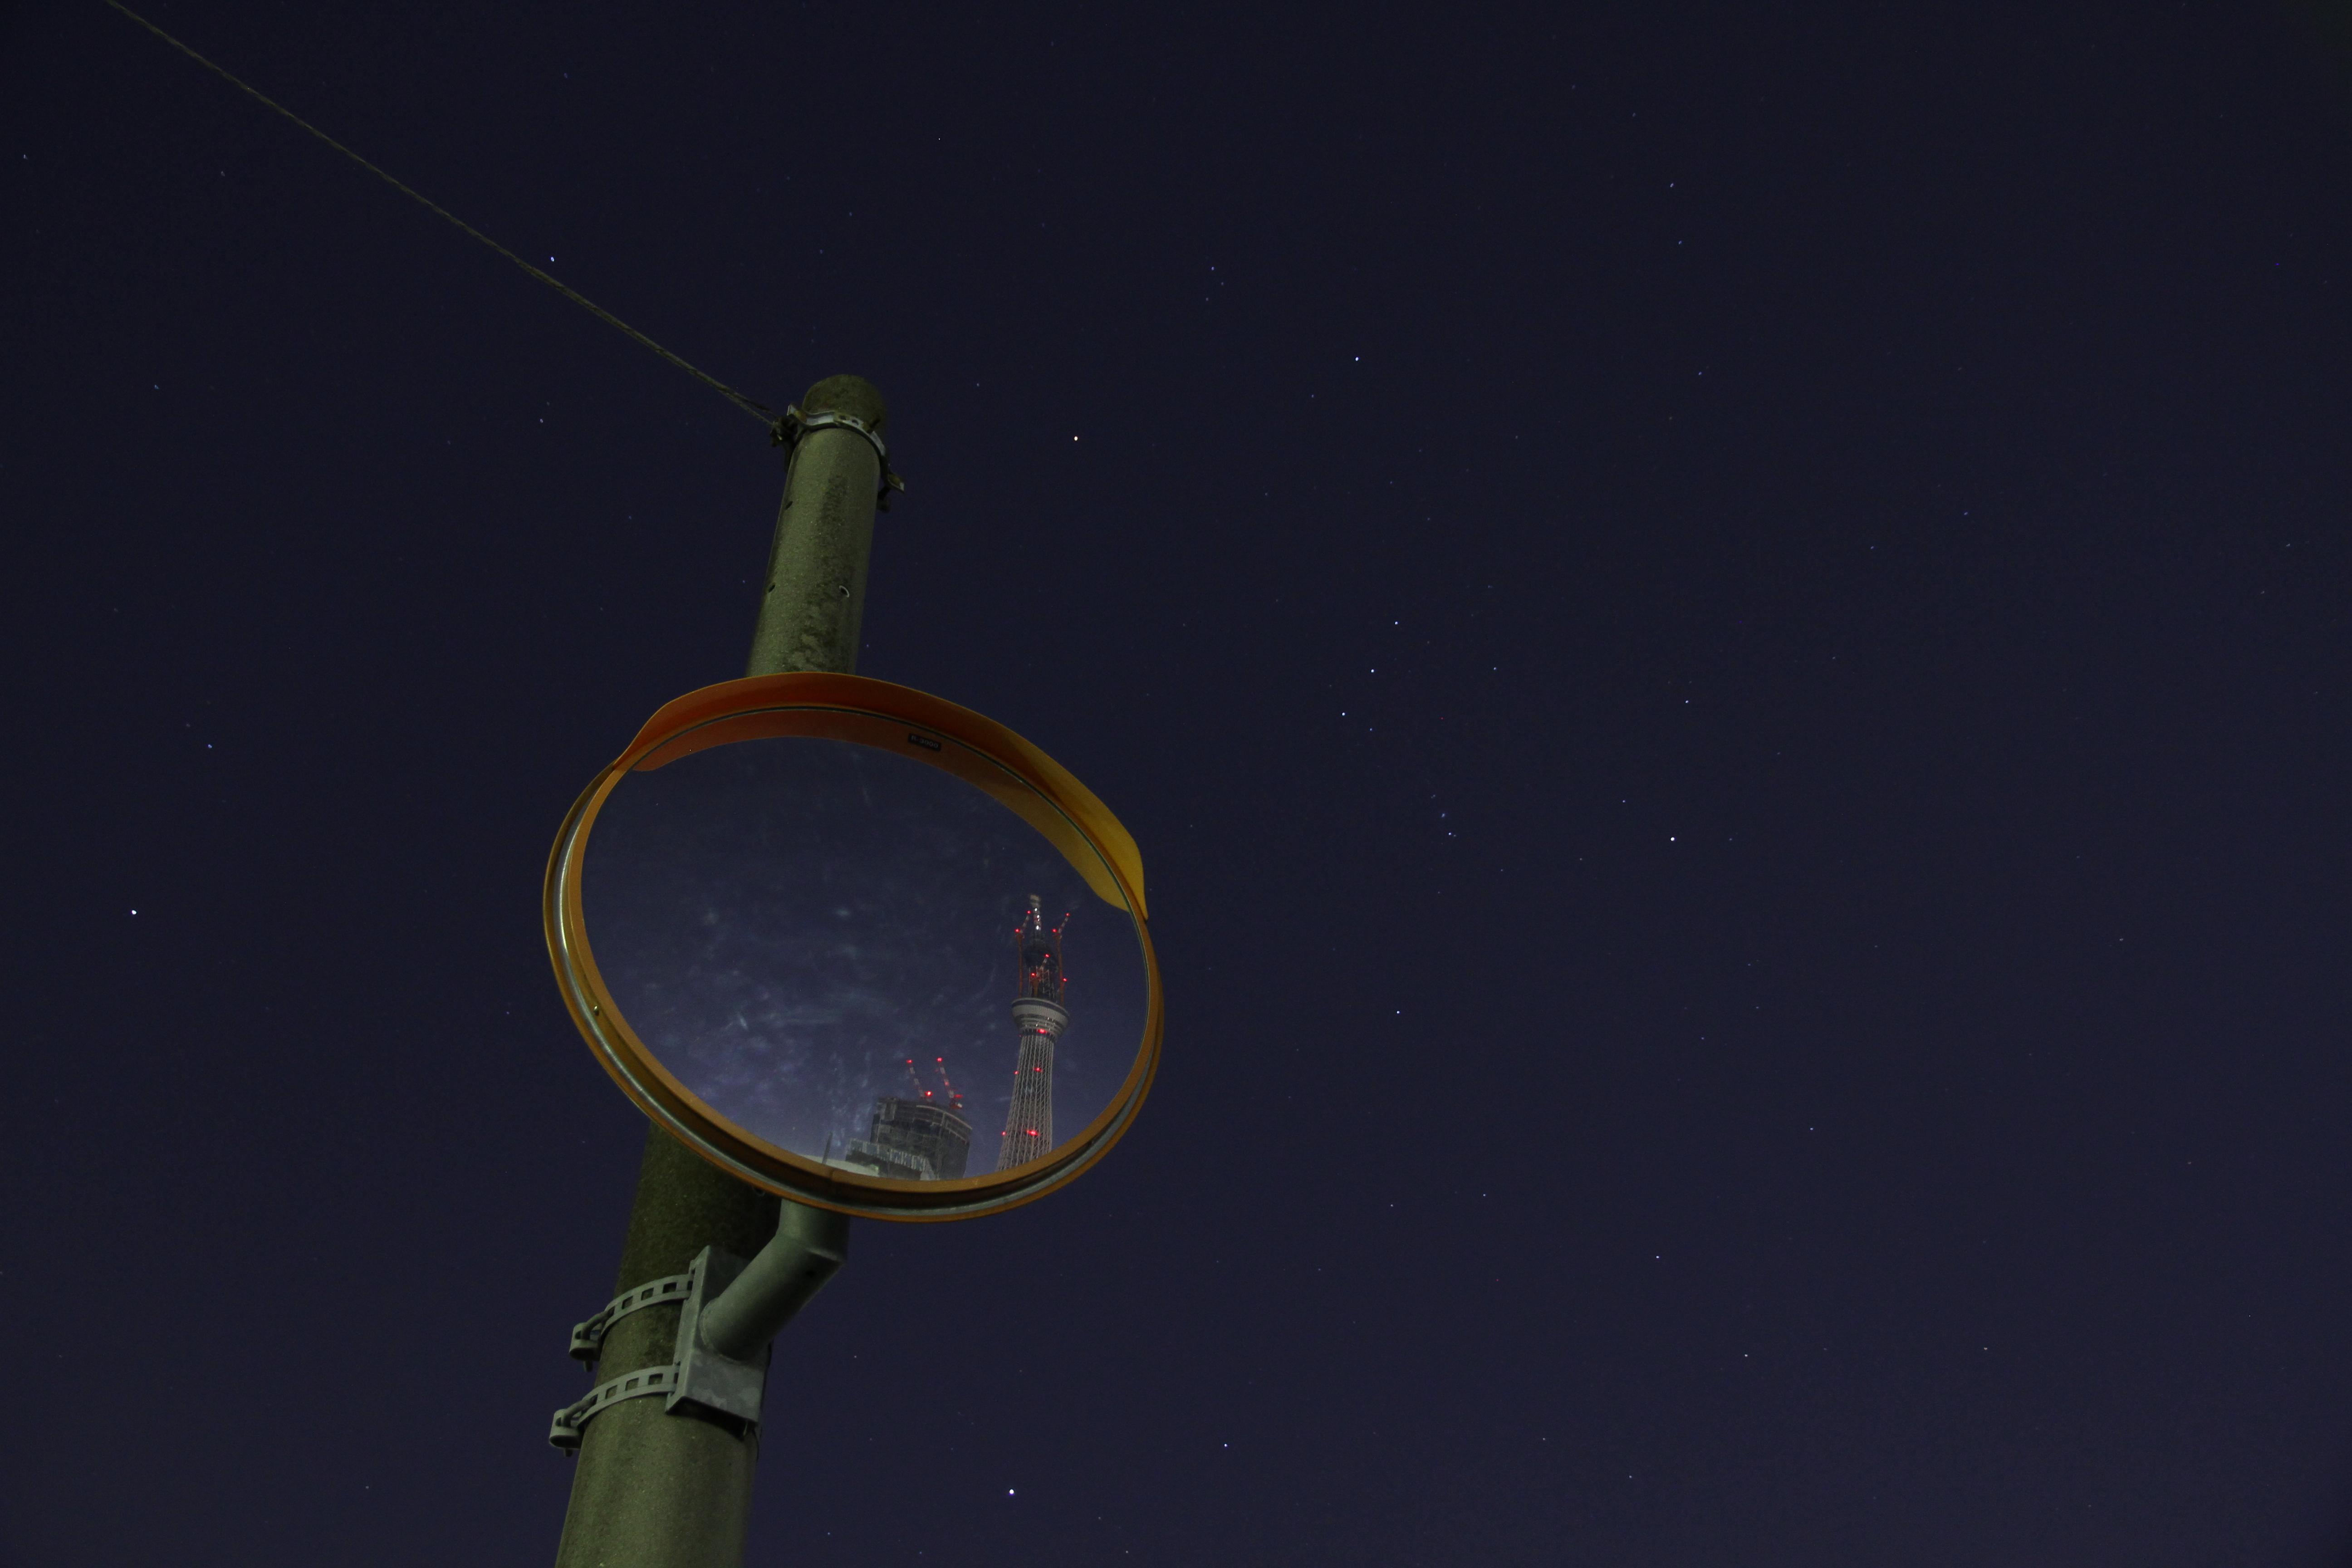 <b>比較的知られた撮影場所だと思う。十間橋の付近にあるミラー(ツリーに向かって川の右側の道路)にちょうど東京スカイツリーが写るが、少し広めに撮り天気の良い星空も入れてみた。EOS 7D / EF-S 15-85mm F3.5-5.6 IS USM / 5,184×3,456 / 2秒 / F4.5 / -2EV / ISO800 / 絞り優先 / WB:オート / 21mm / 19:56</b>